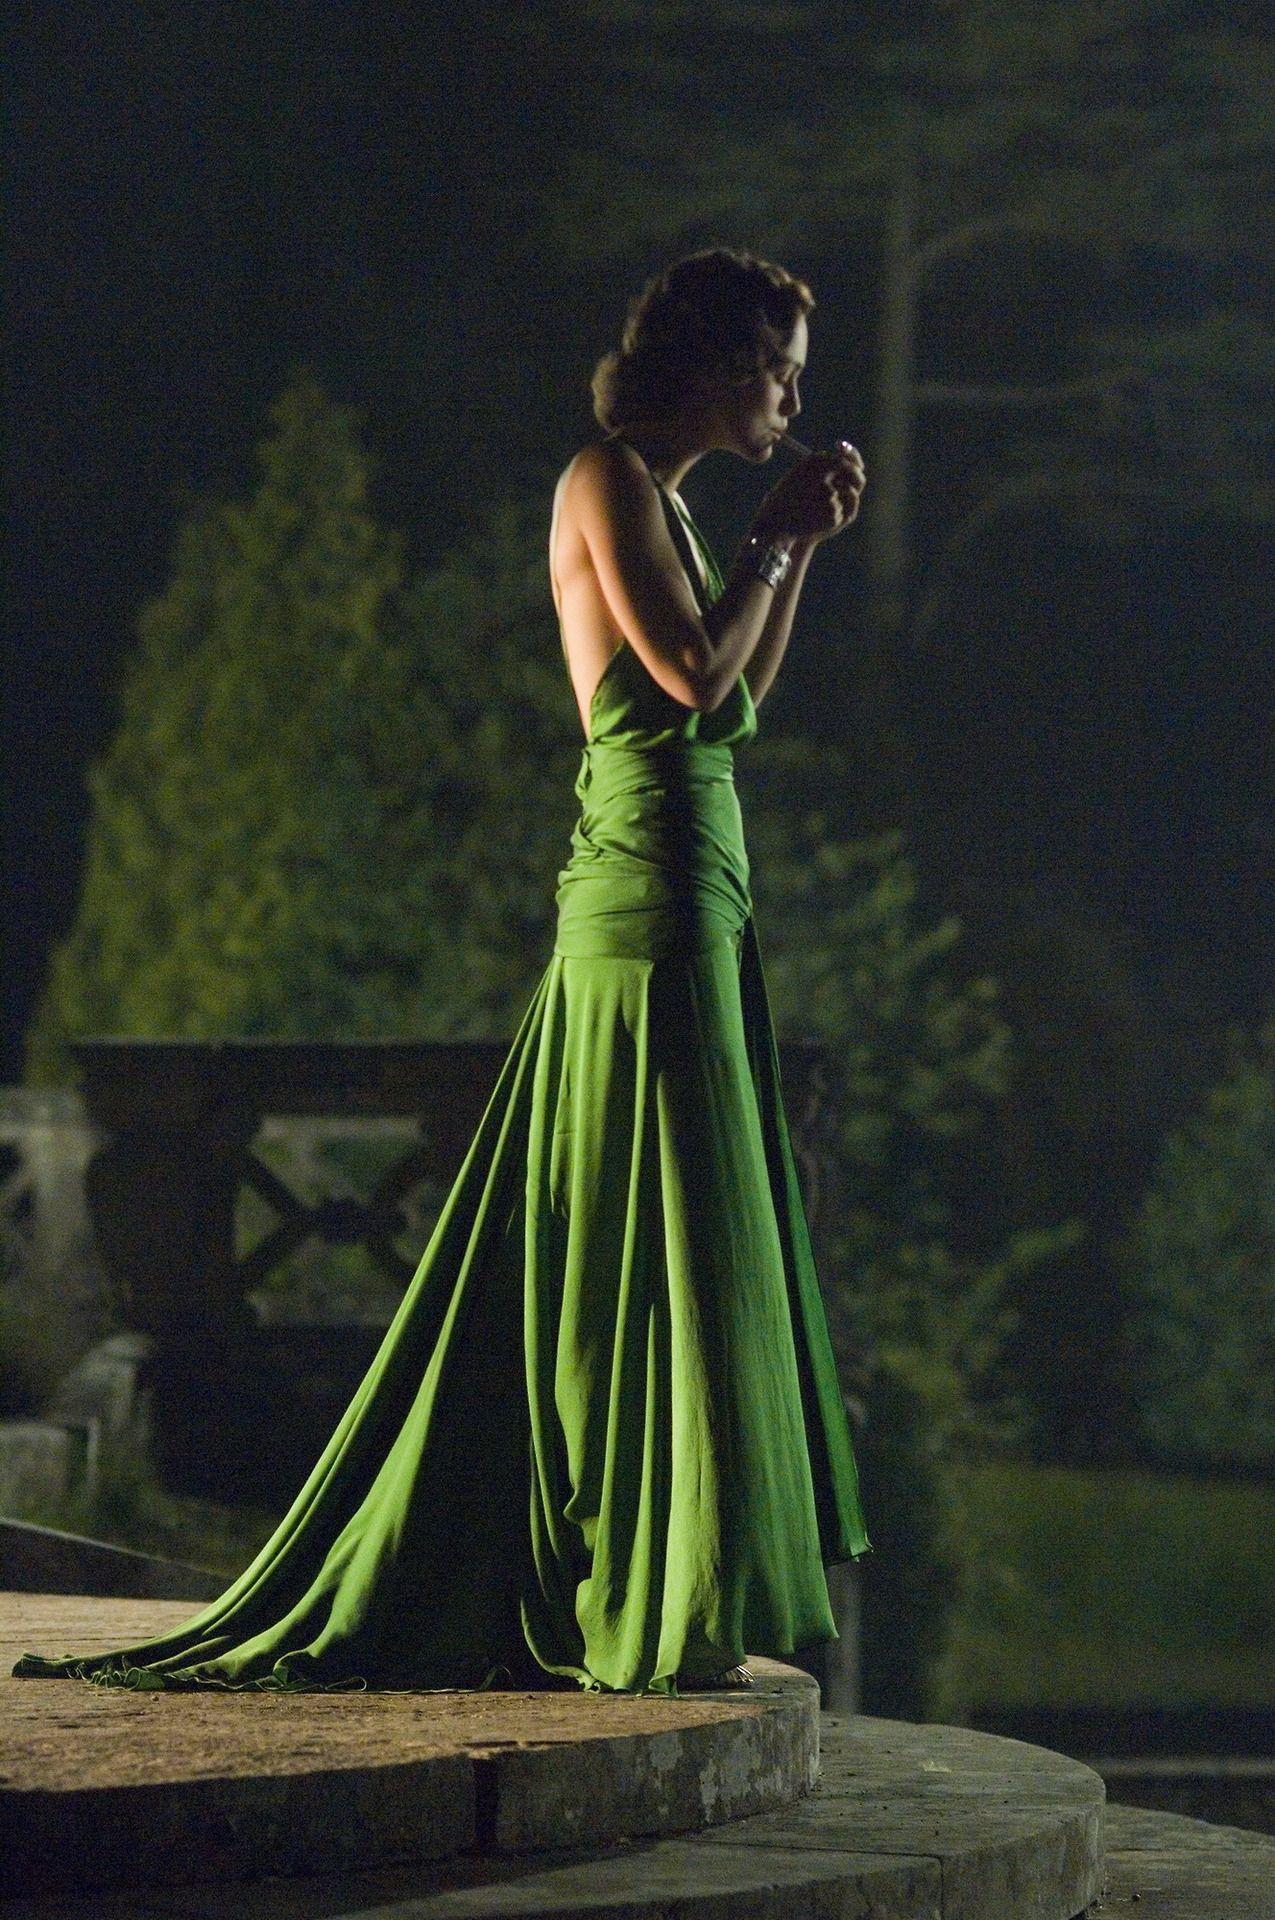 Keira Knightley - I still love this dress!!!